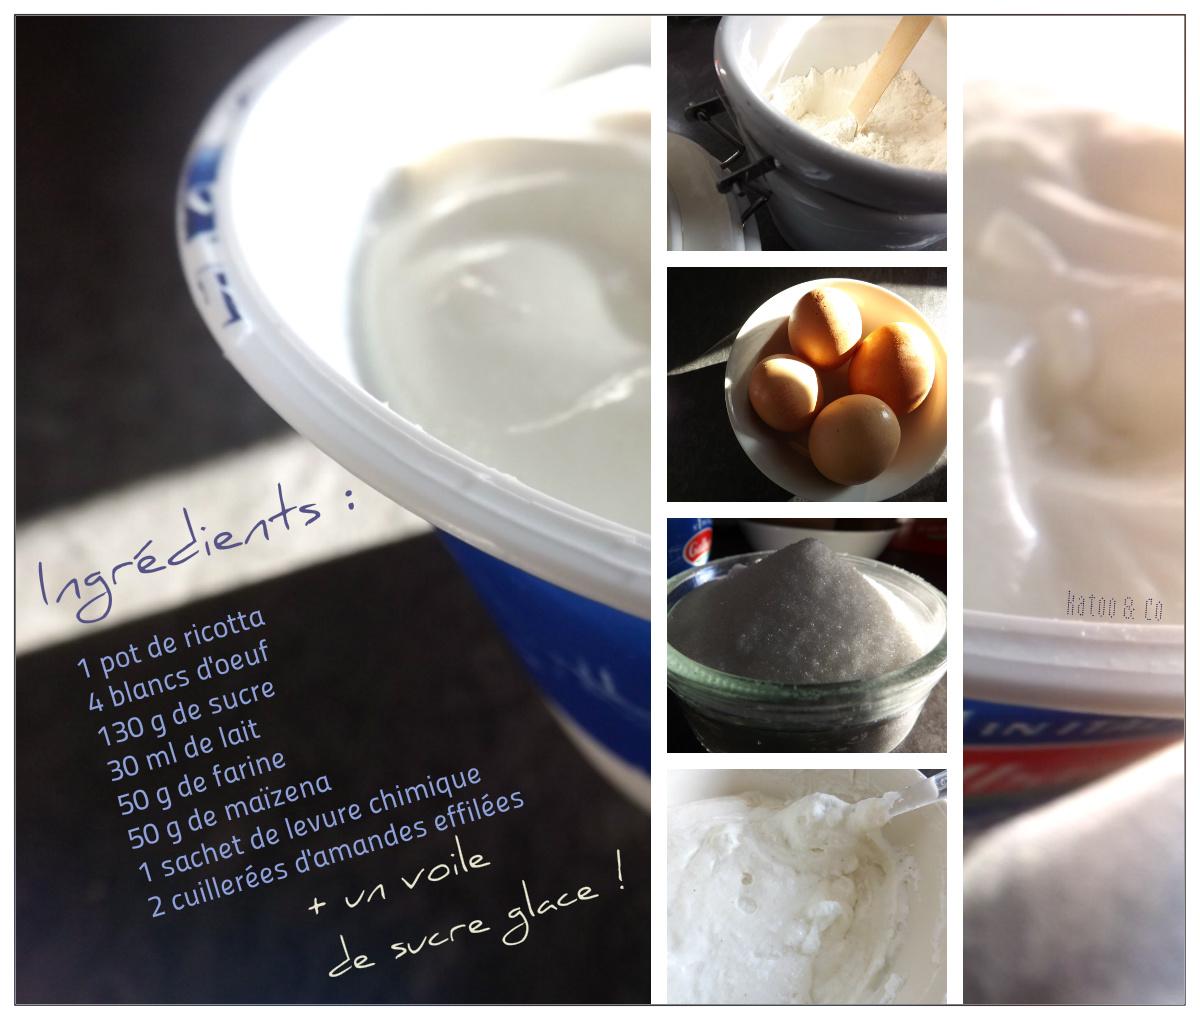 http://ekladata.com/cookinkat.eklablog.com/perso/ciambella/collageciamb1.jpg